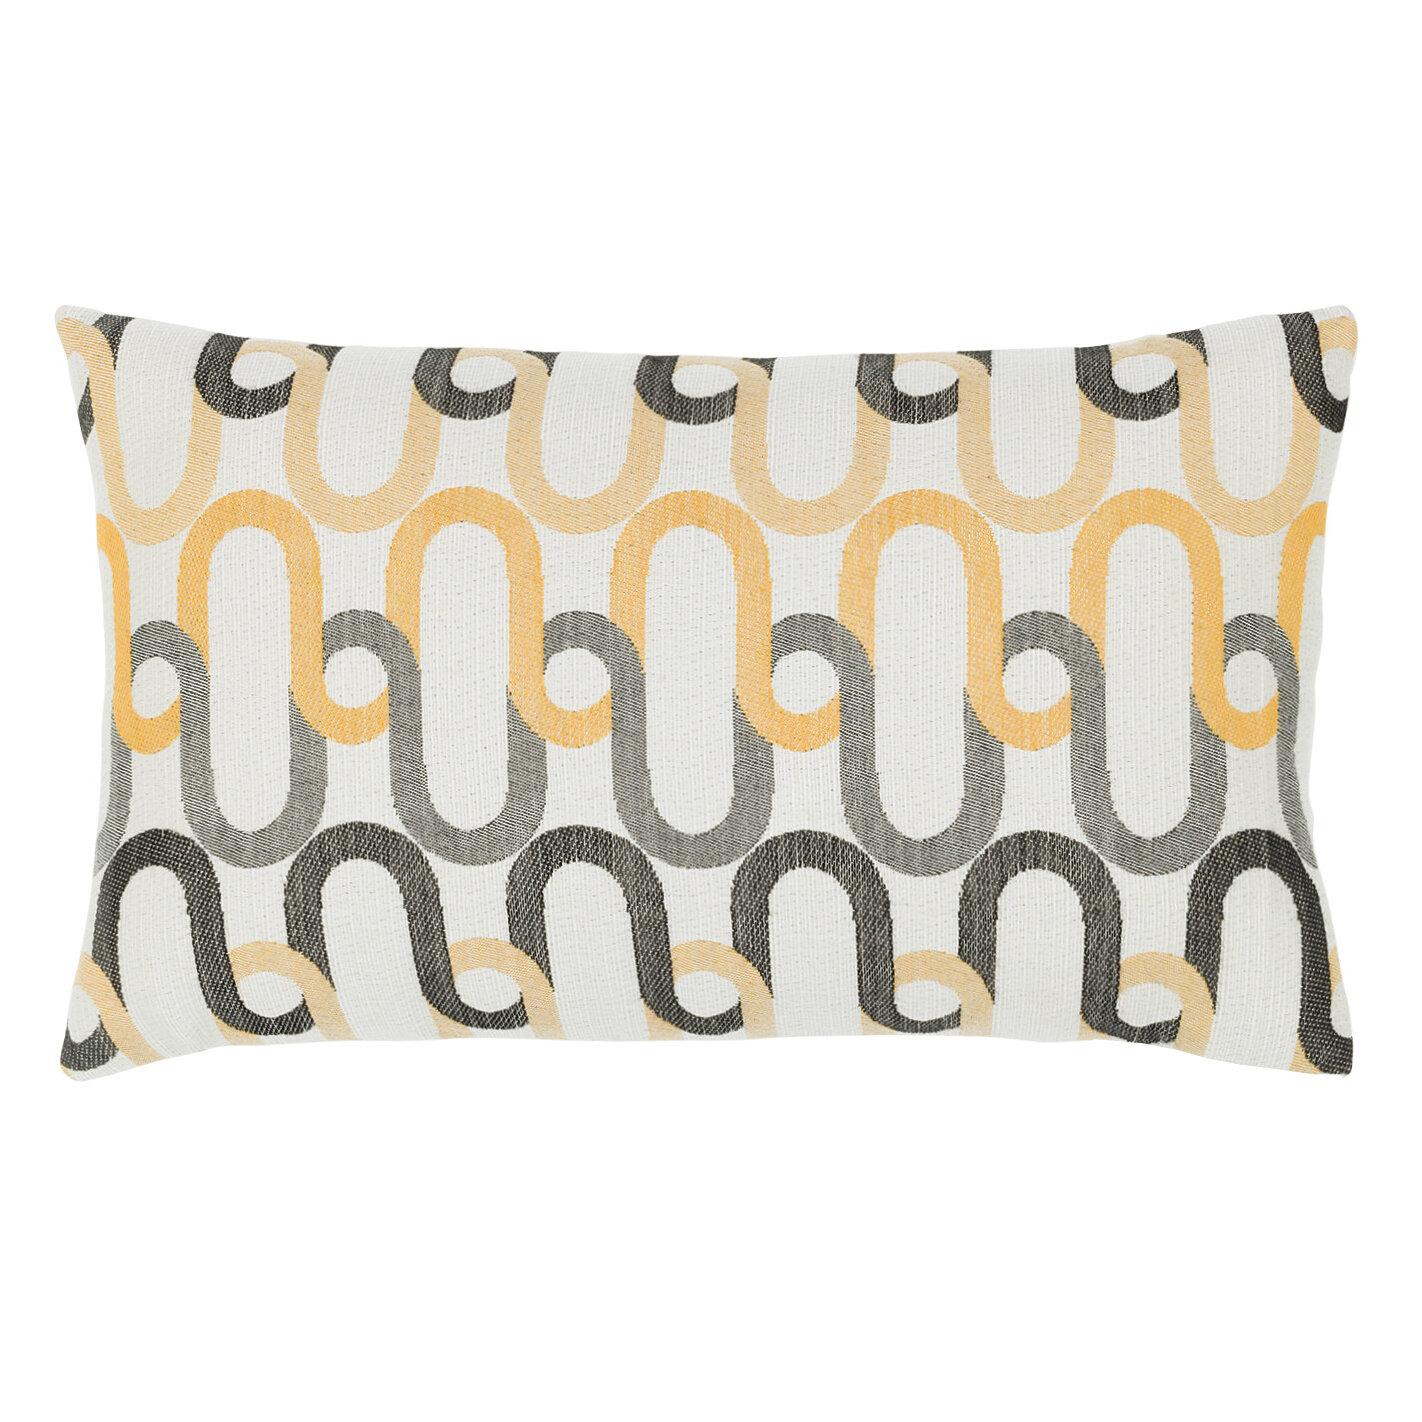 of ip coral com lumbar pillows set outdoor classic coast walmart x pillow in rectangle